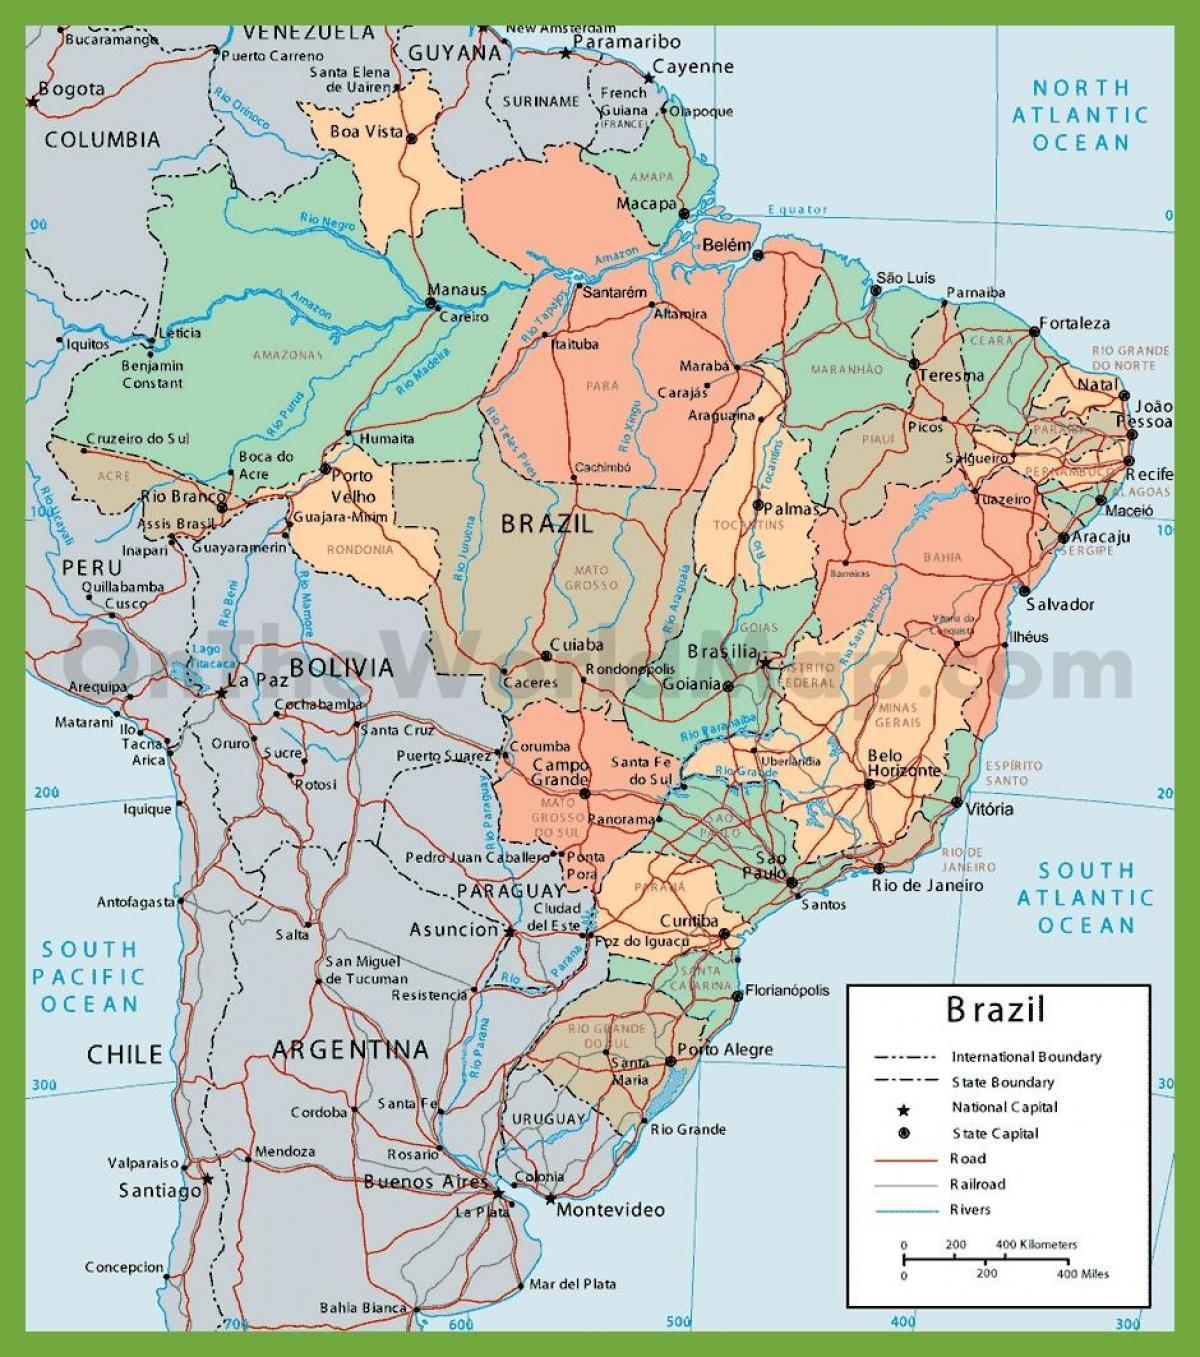 America Del Sud Cartina Politica.Mappa Politica Del Brasile Politico Mappa Brasile